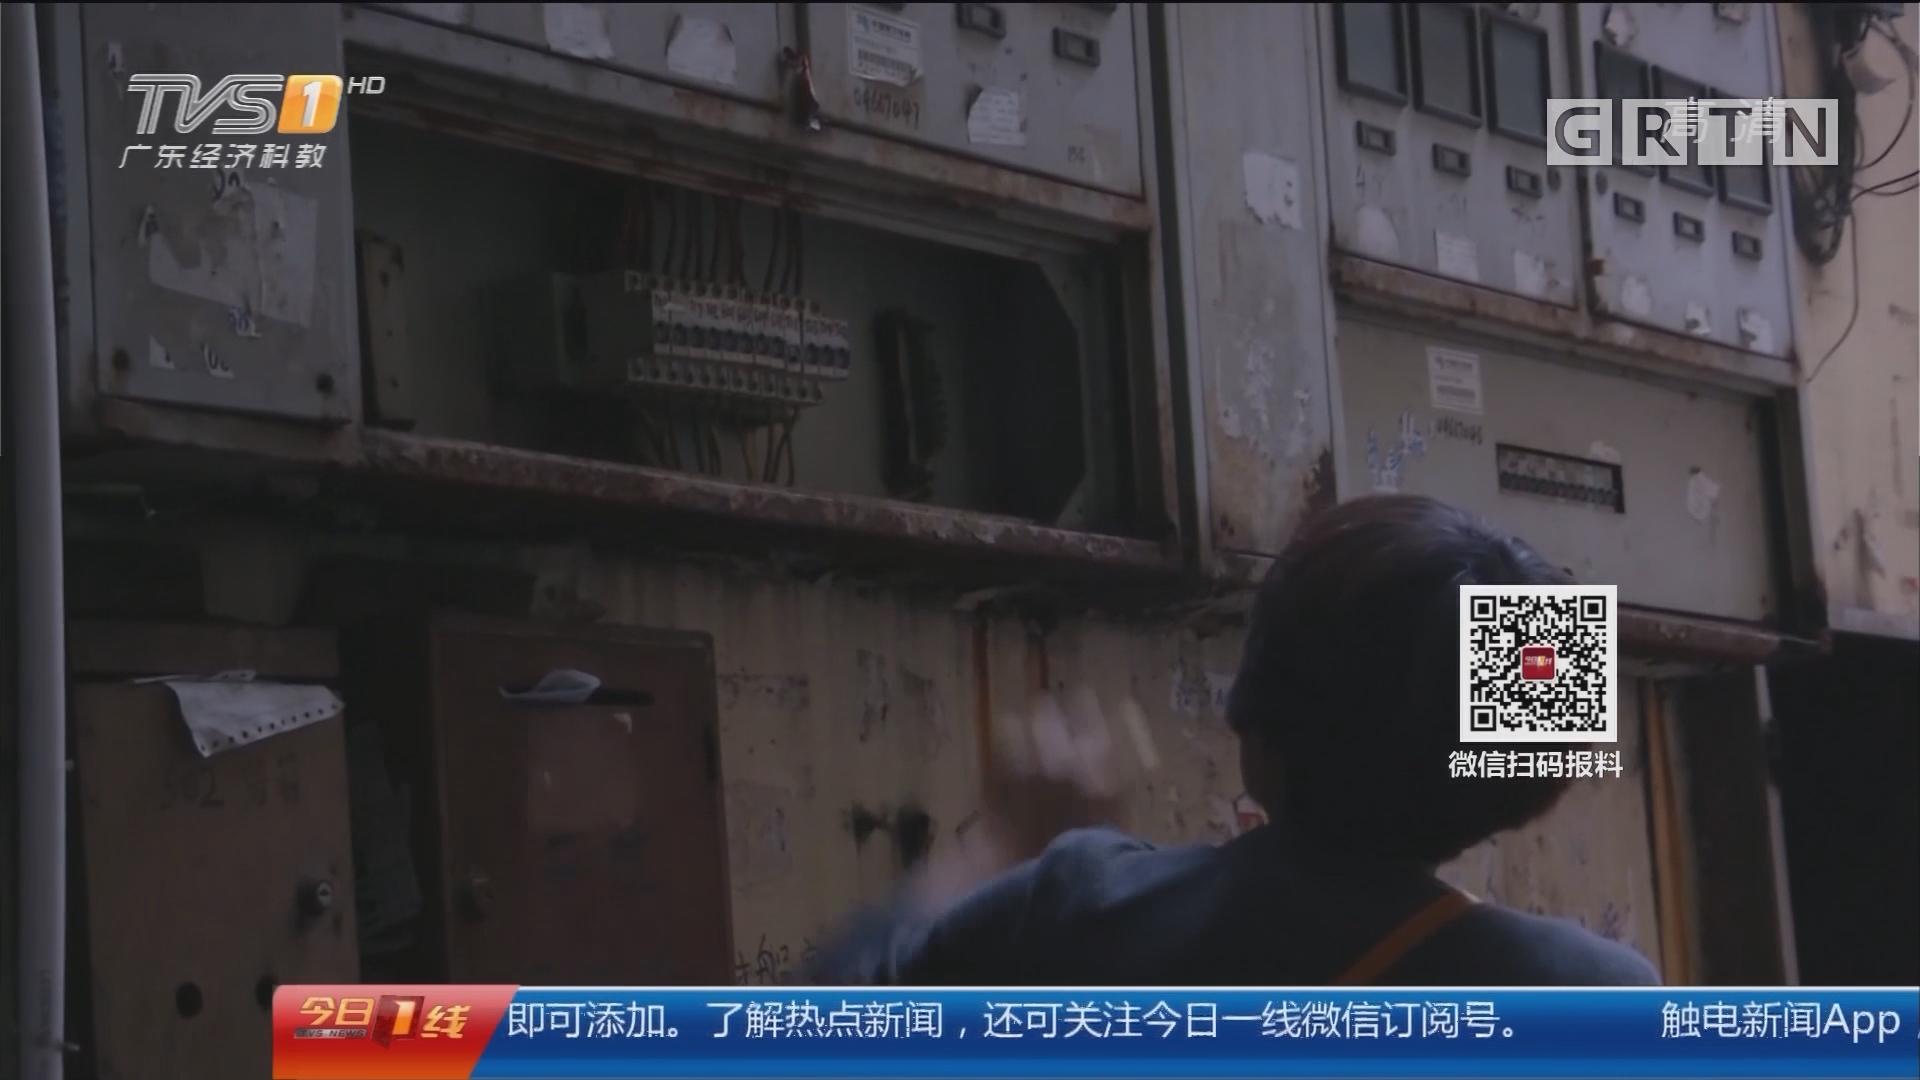 深圳宝安区:一屋两业主 泼漆撬门暴力逼迁?